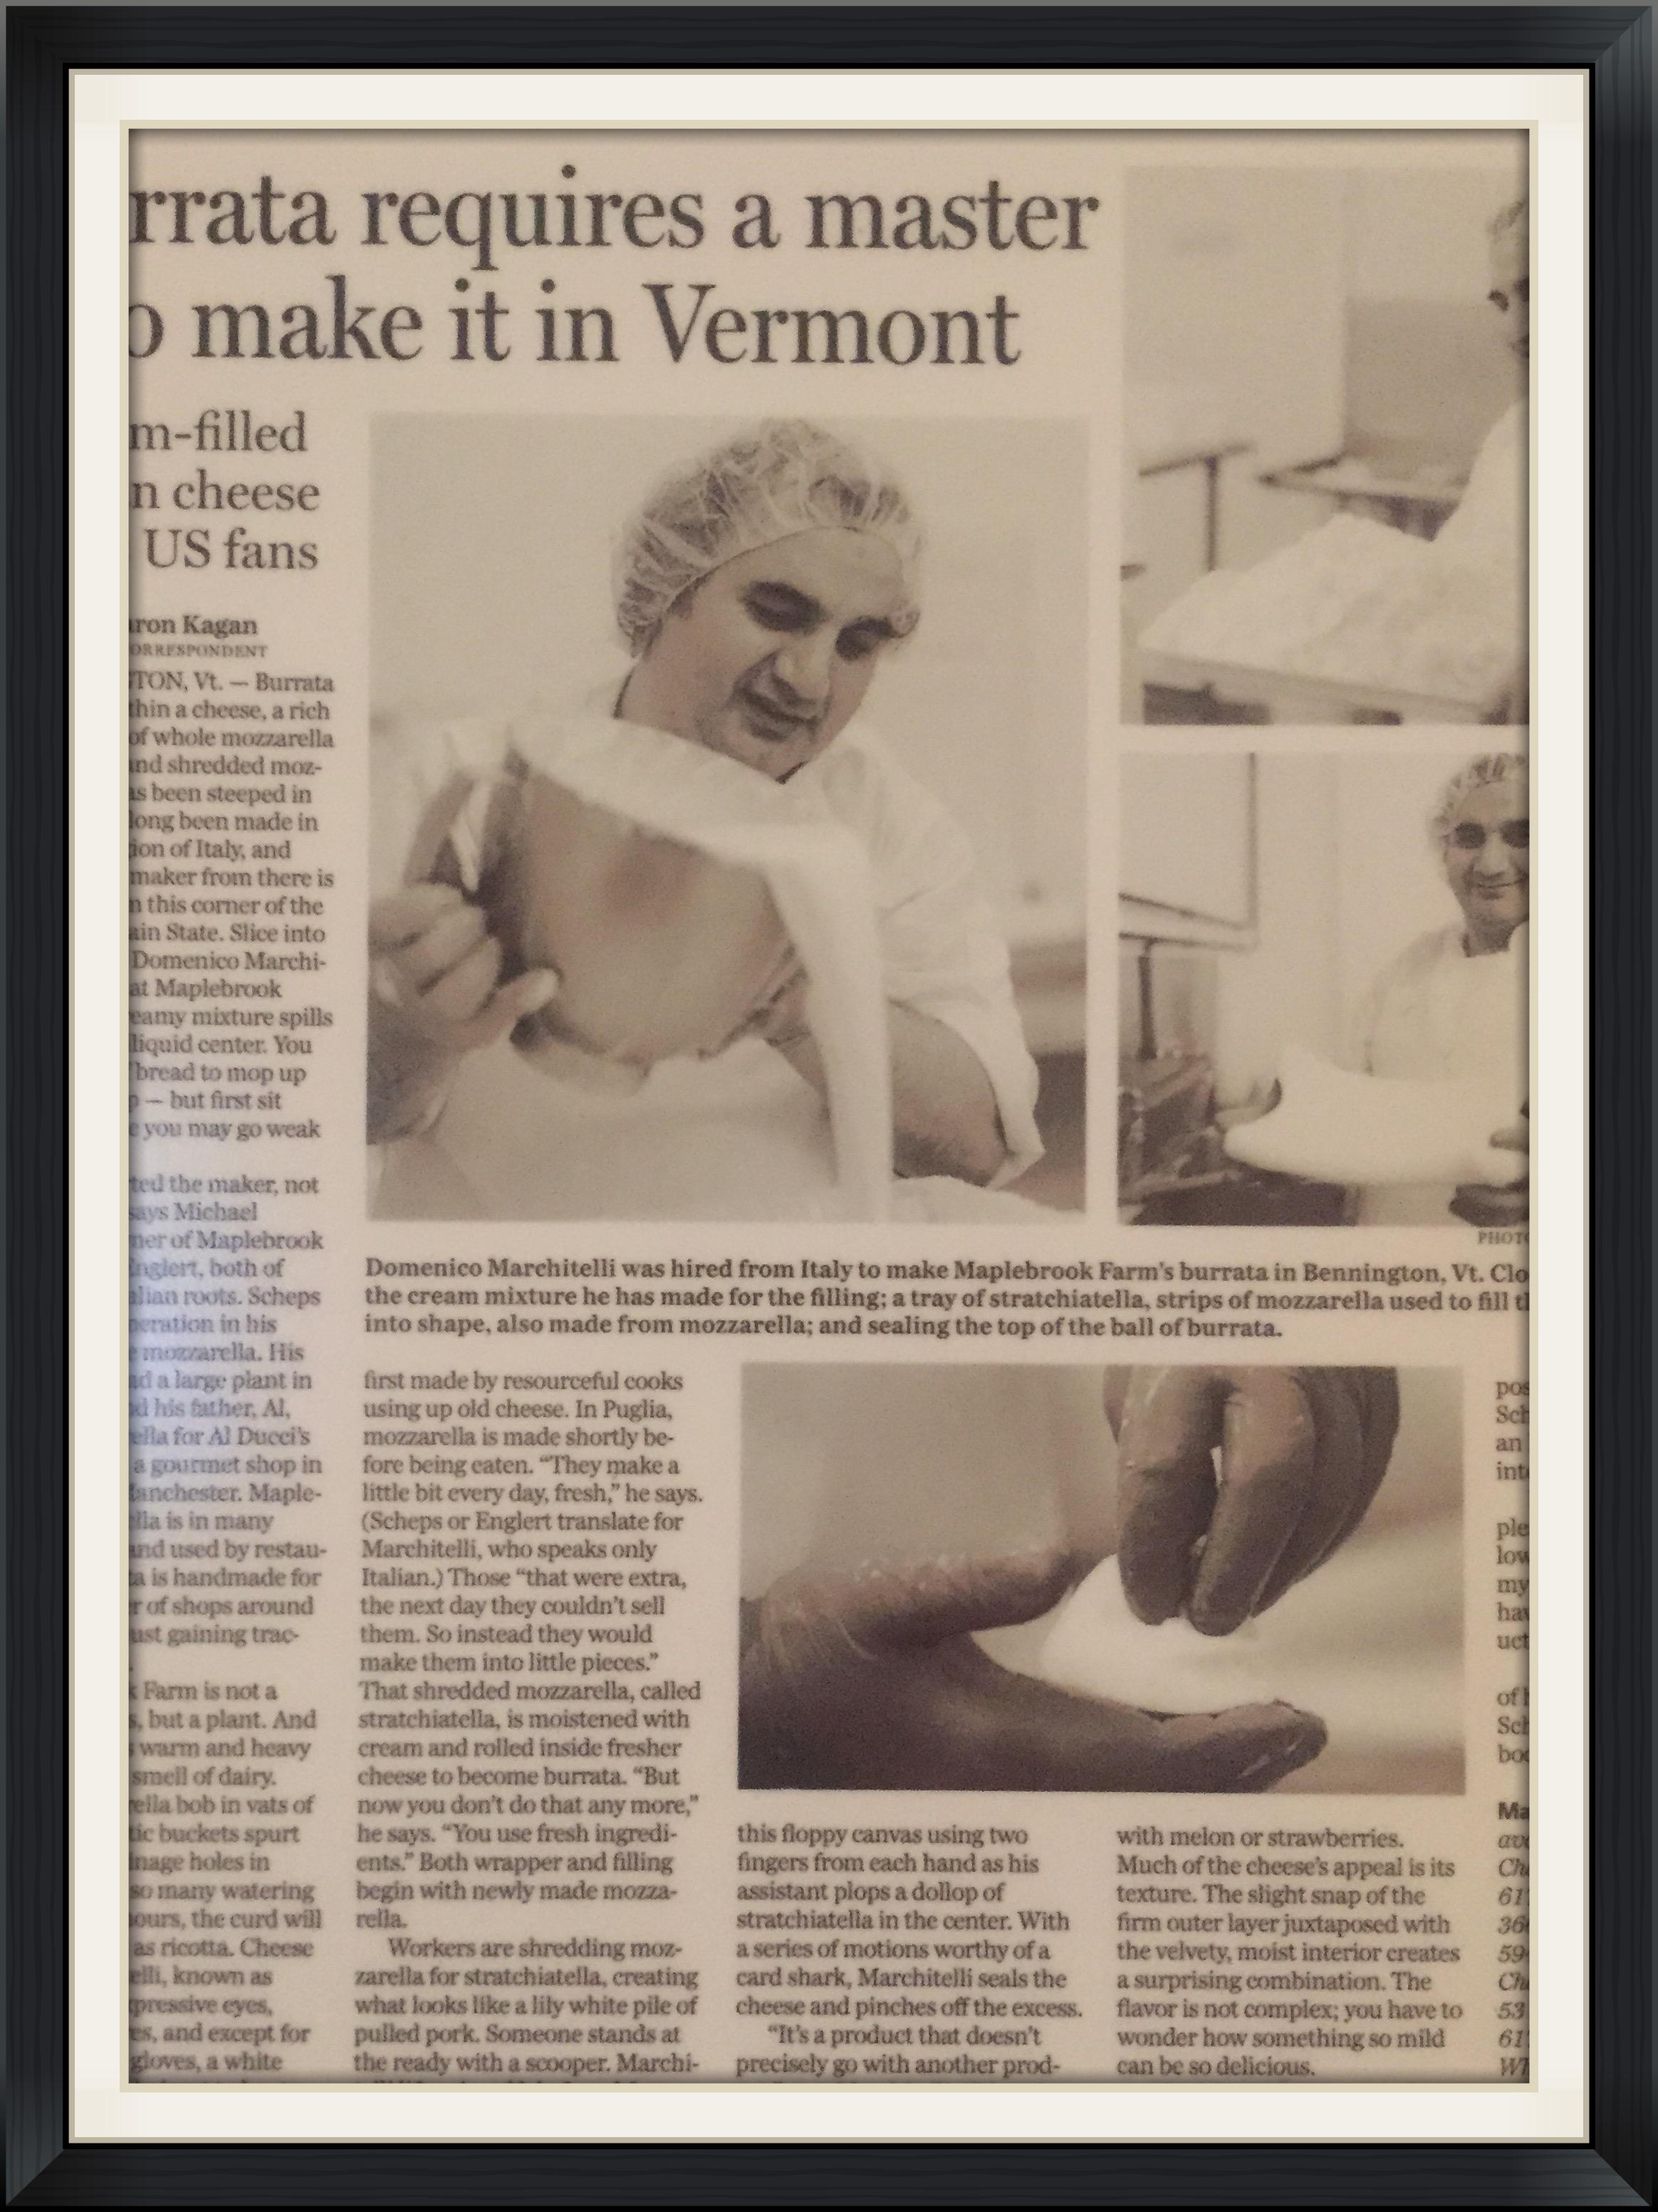 The Boston Globe March 29th, 2006